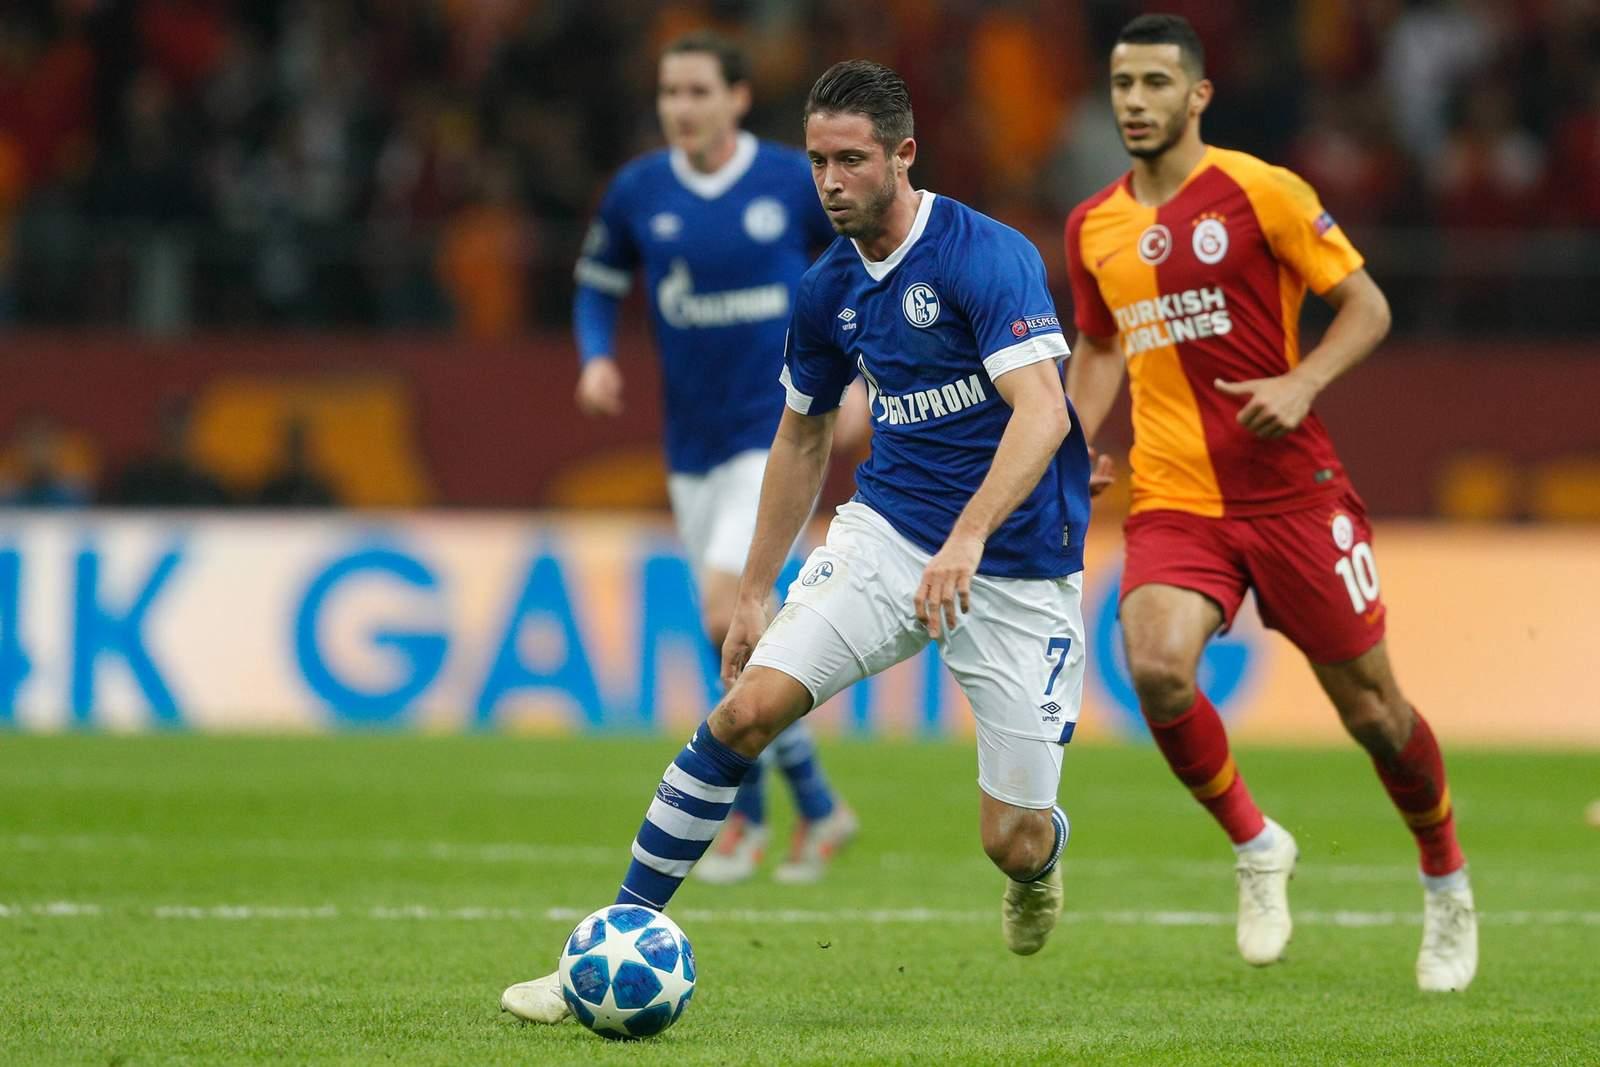 Führt Uth S04 zum Sieg? Jetzt auf Schalke gegen Galatasaray wetten